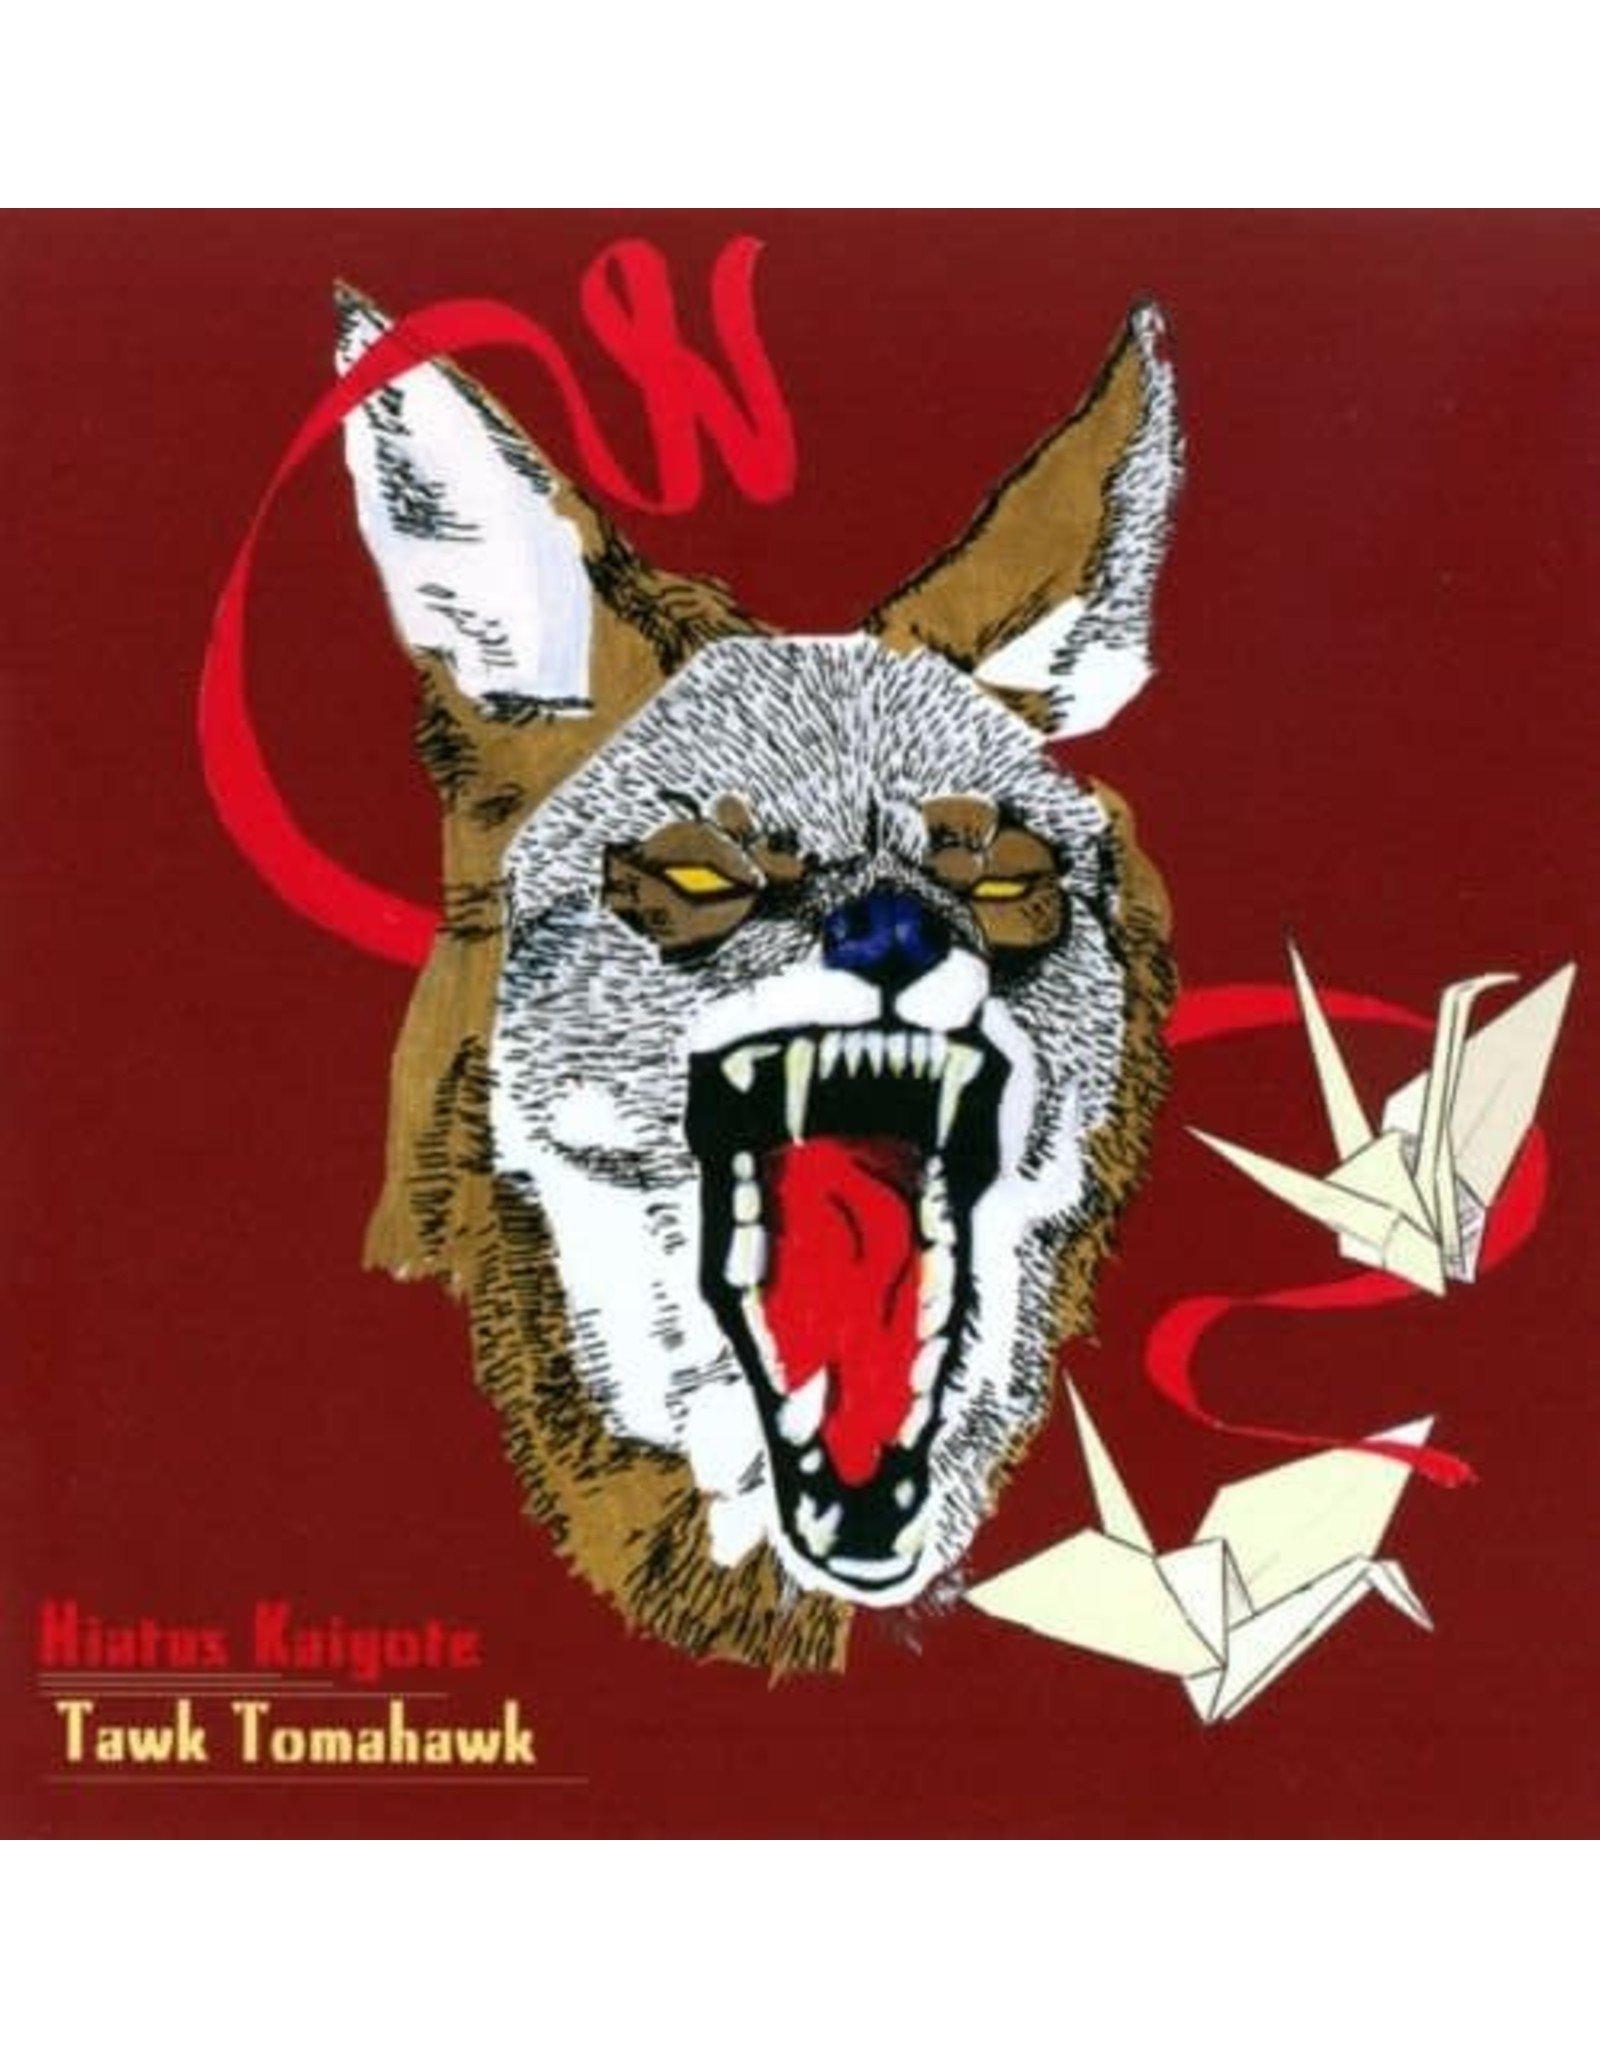 New Vinyl Hiatus Kaiyote - Tawk Tomahawk (EU Import, Colored) LP